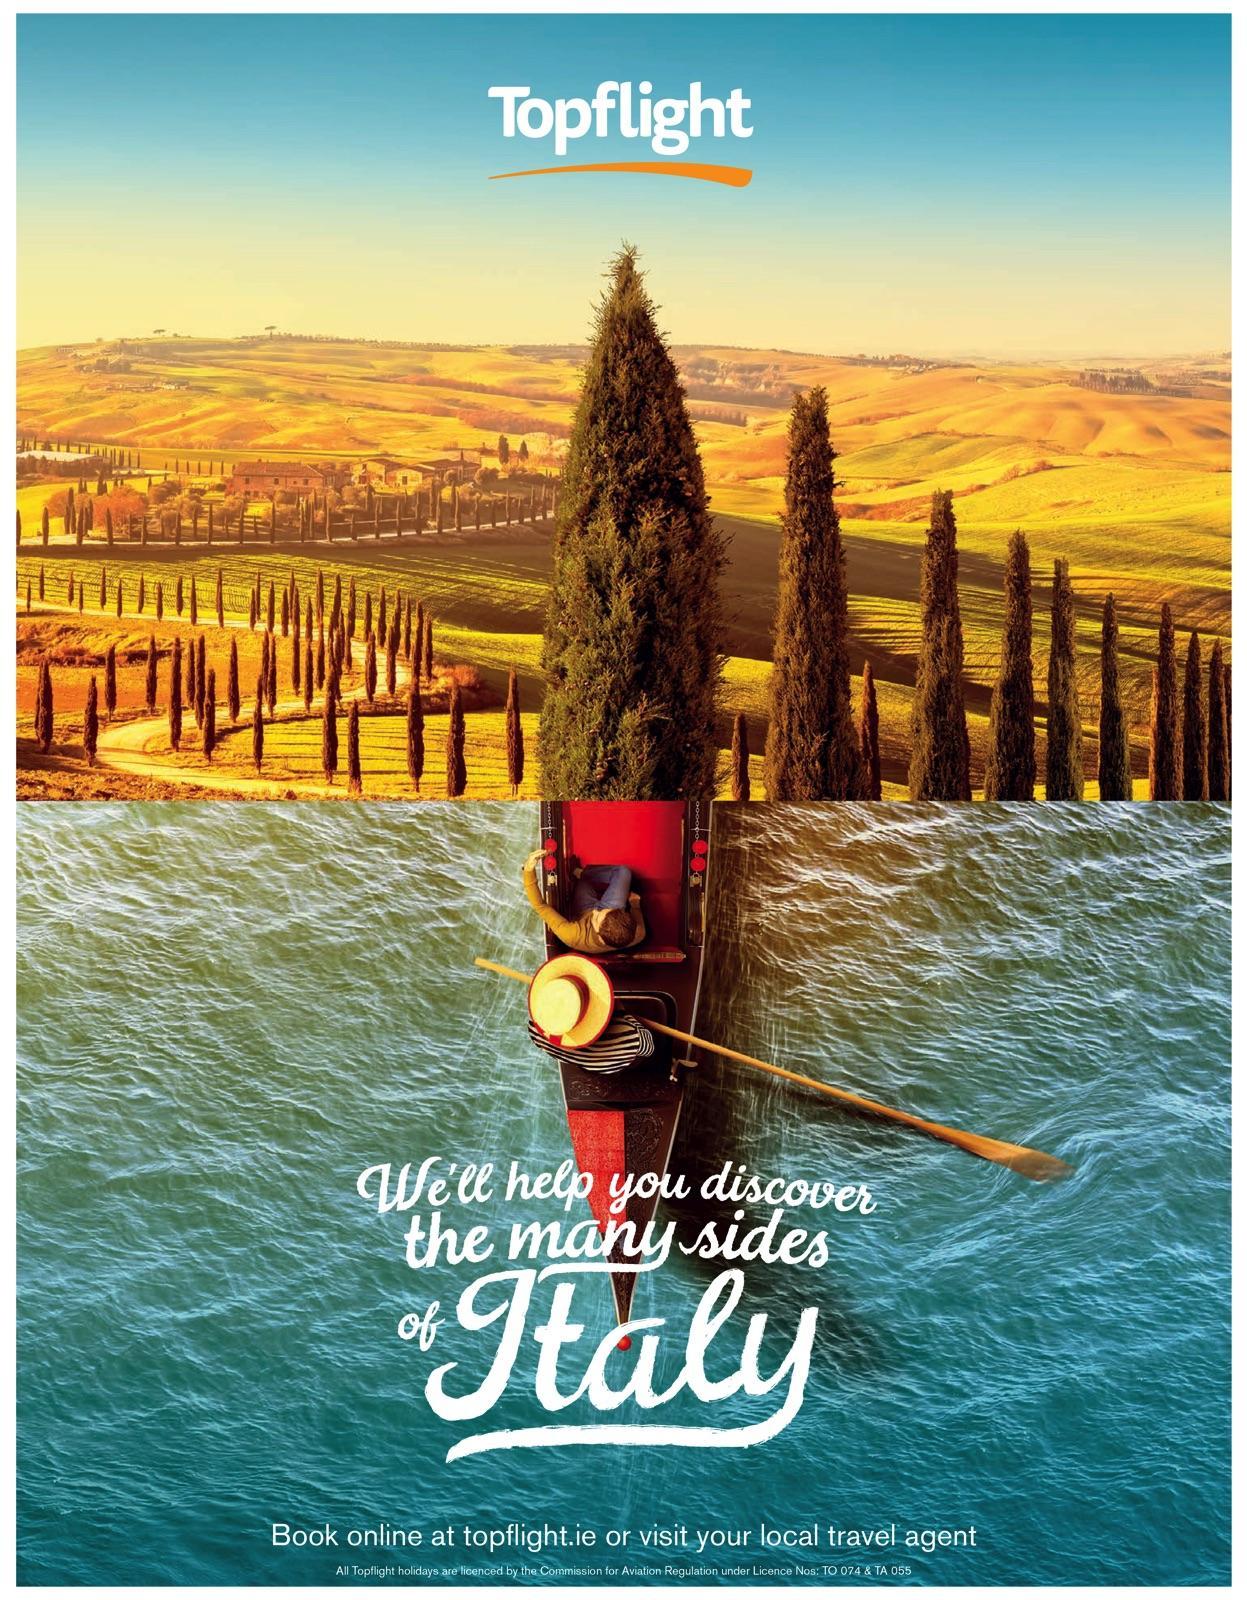 Topflight Print Ad - Many Sides of Italy